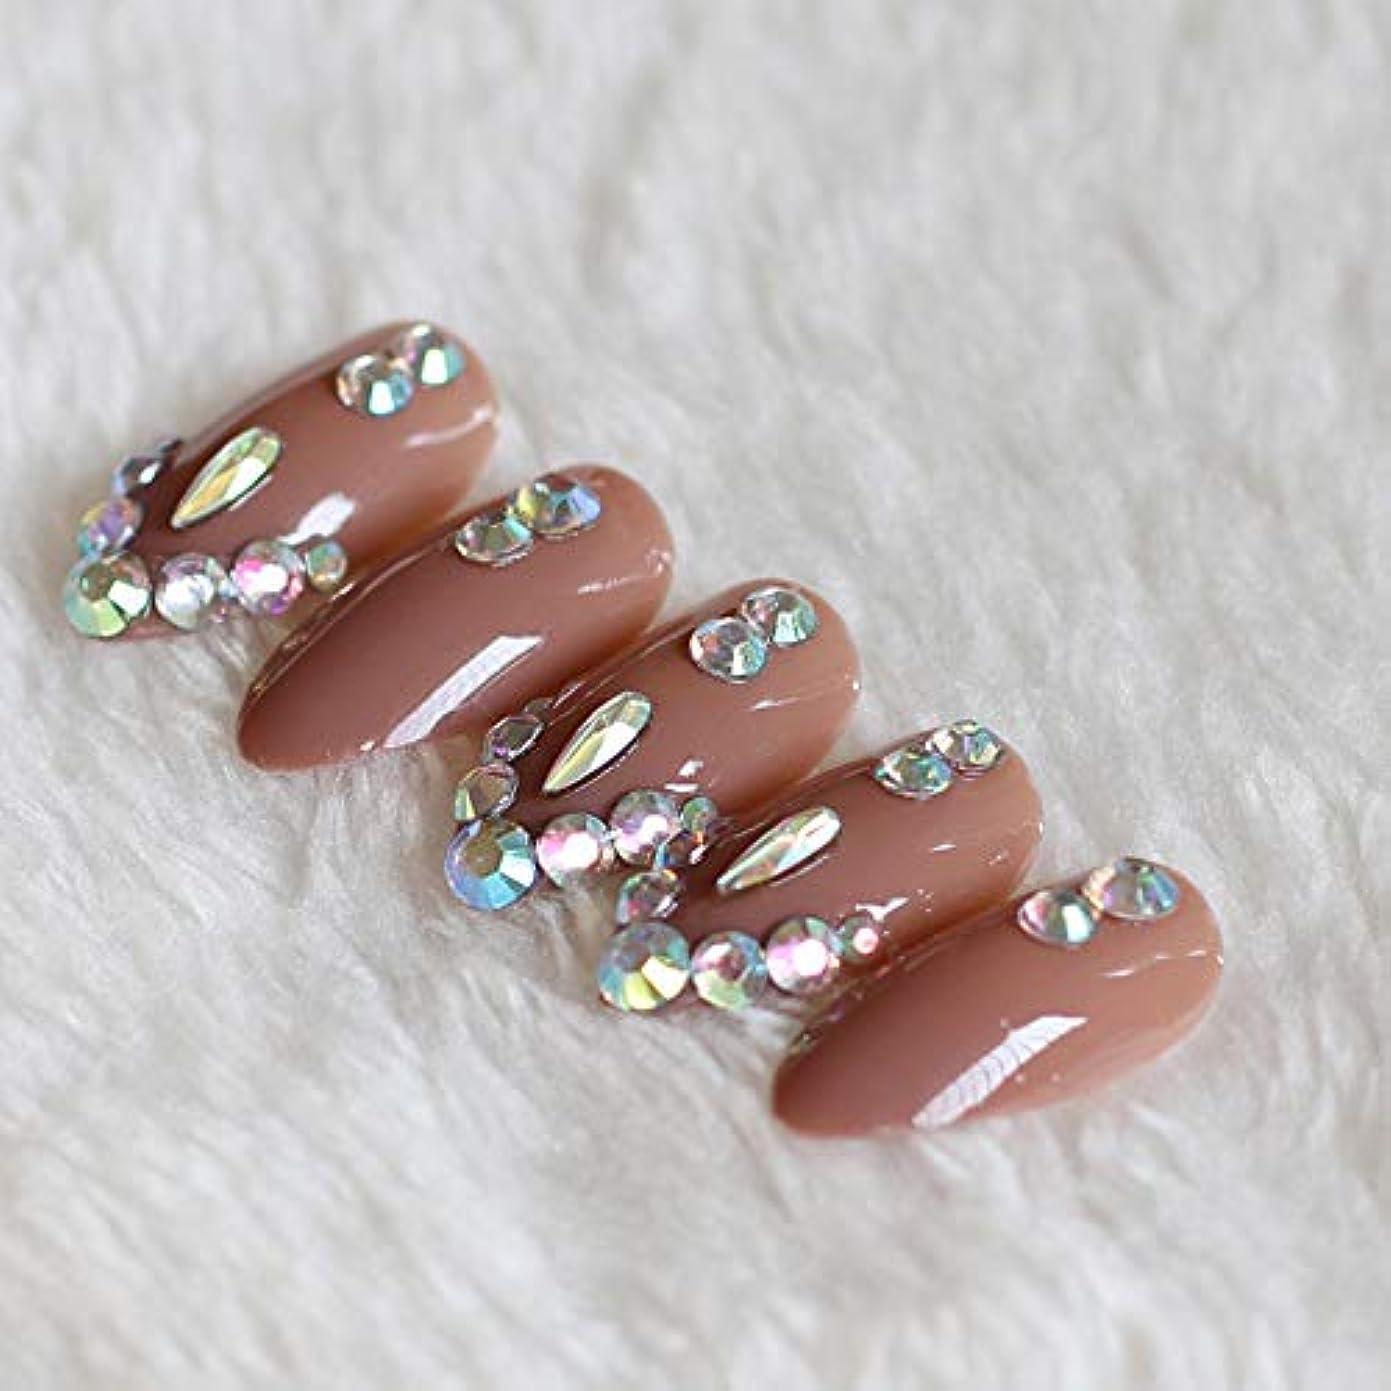 熱用語集まろやかなXUTXZKA 偽爪の薄いハイヒールブラウンダイヤモンドクリスタルで満たされた24個